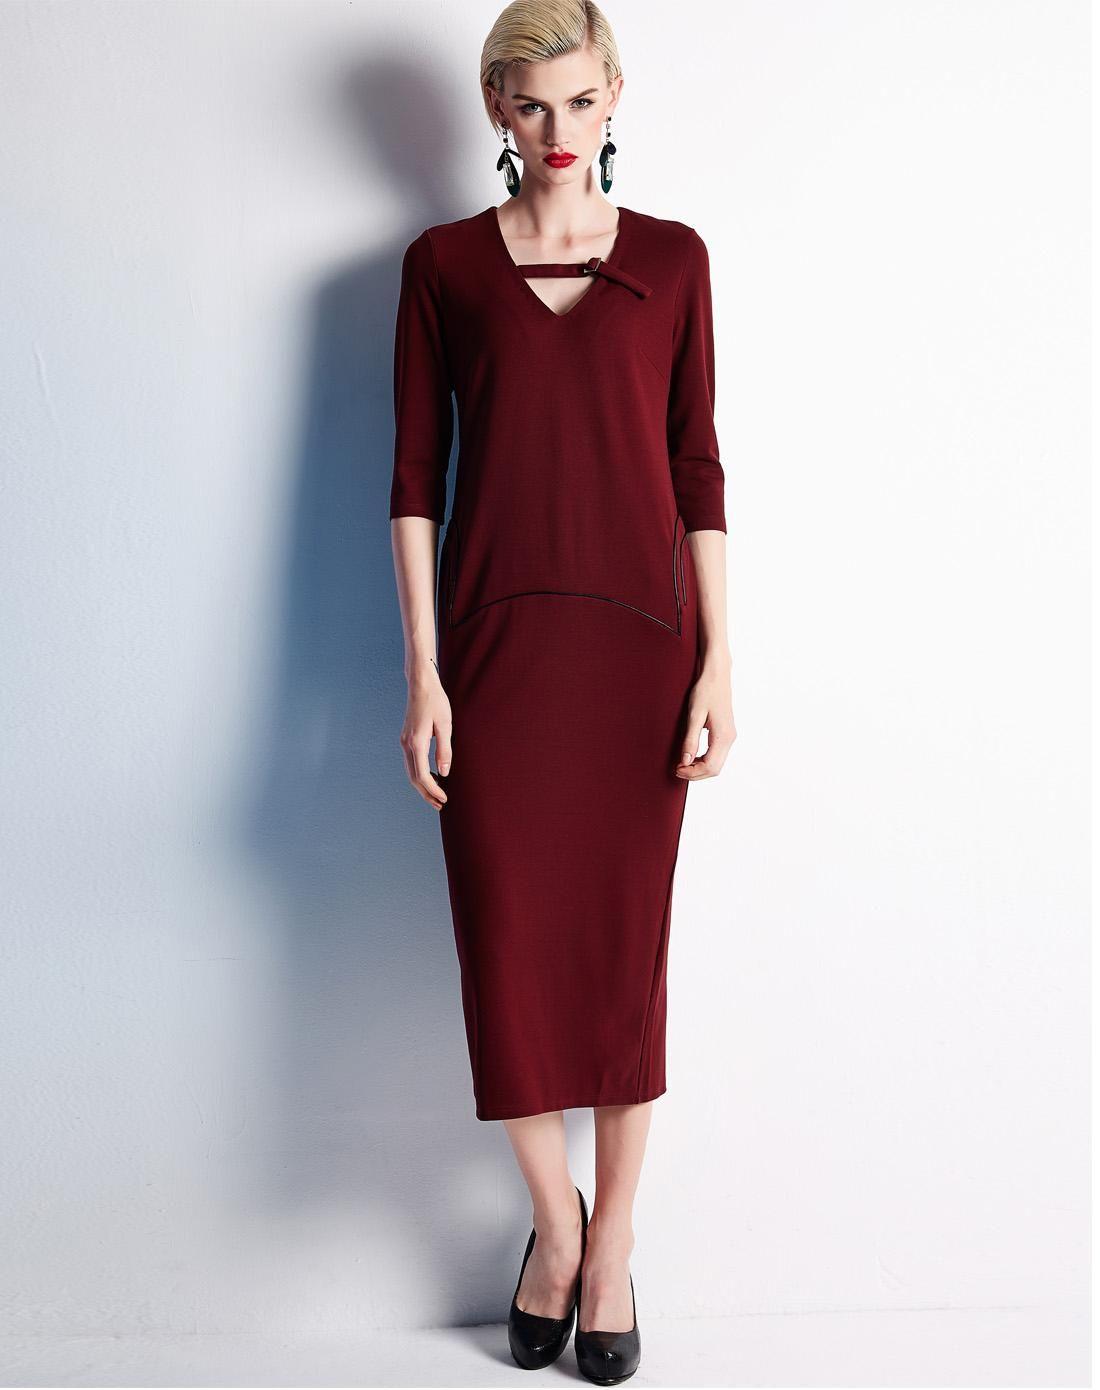 Adorewe vipme shift dresses snsteller red sleeve shift midi